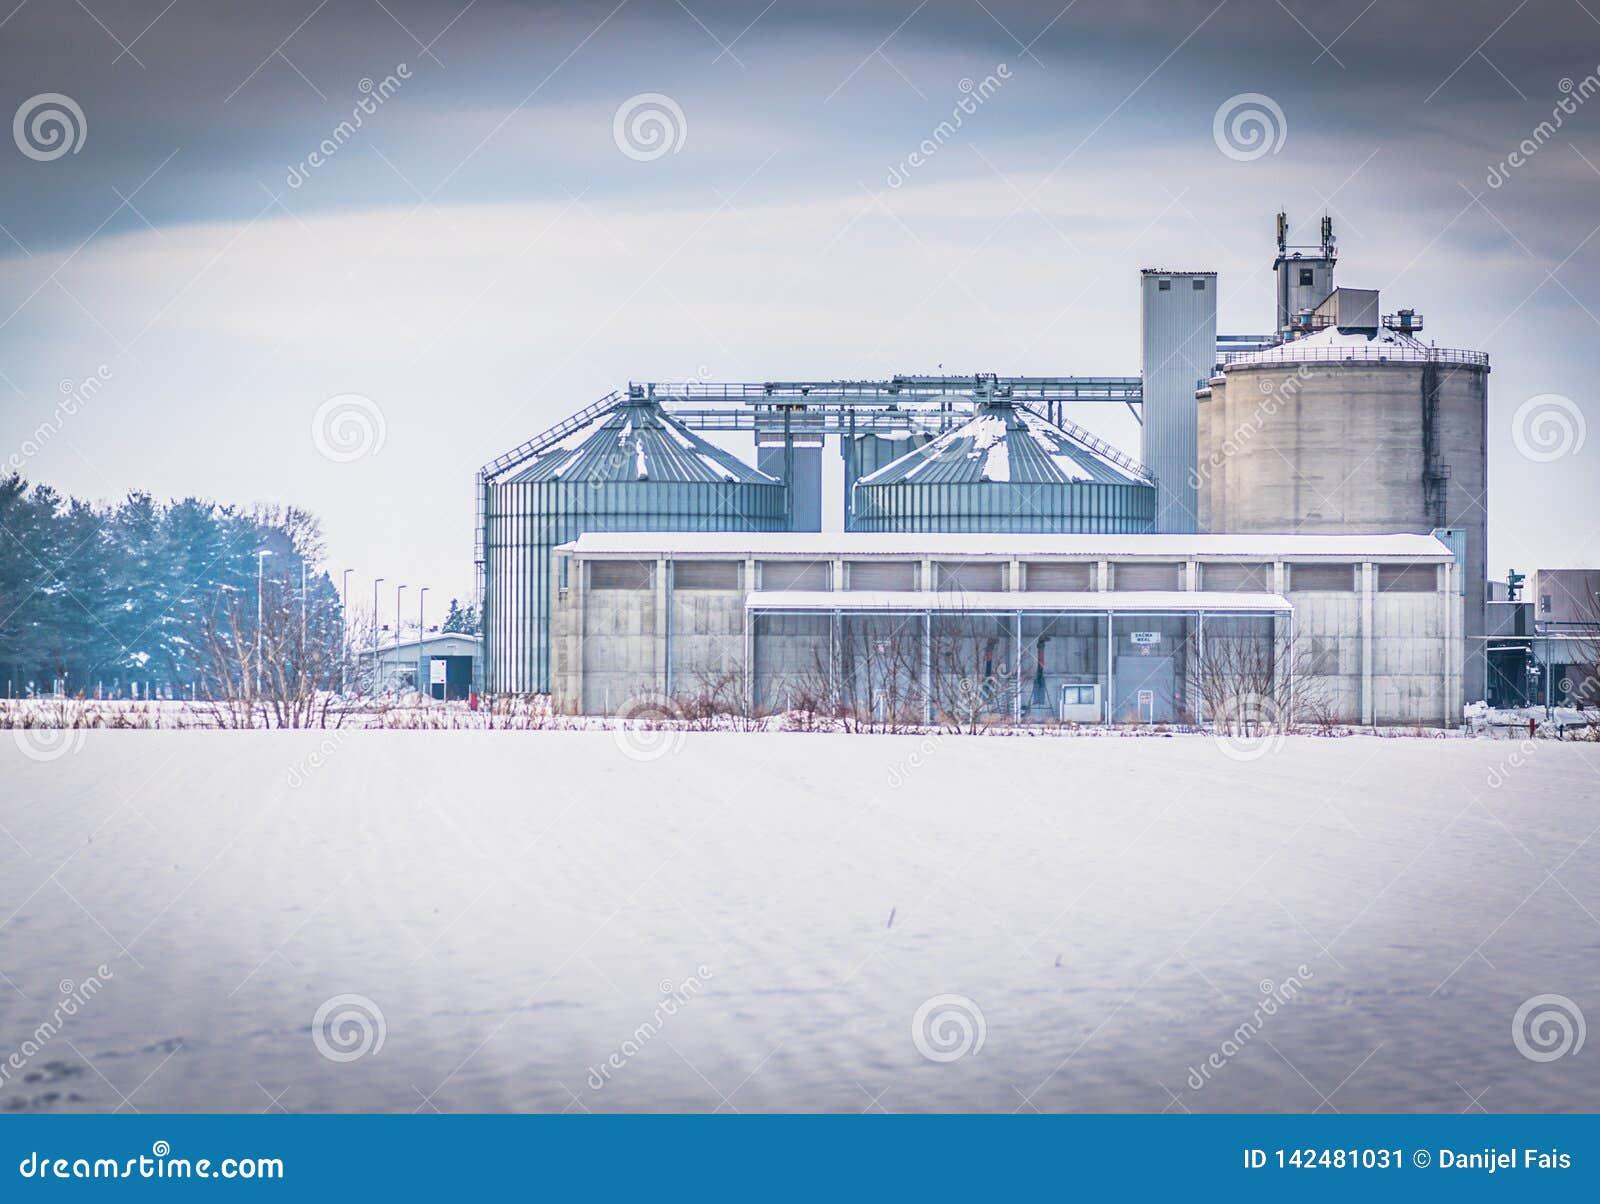 Wit beeld van industy complex, sunfloer oliefabriek